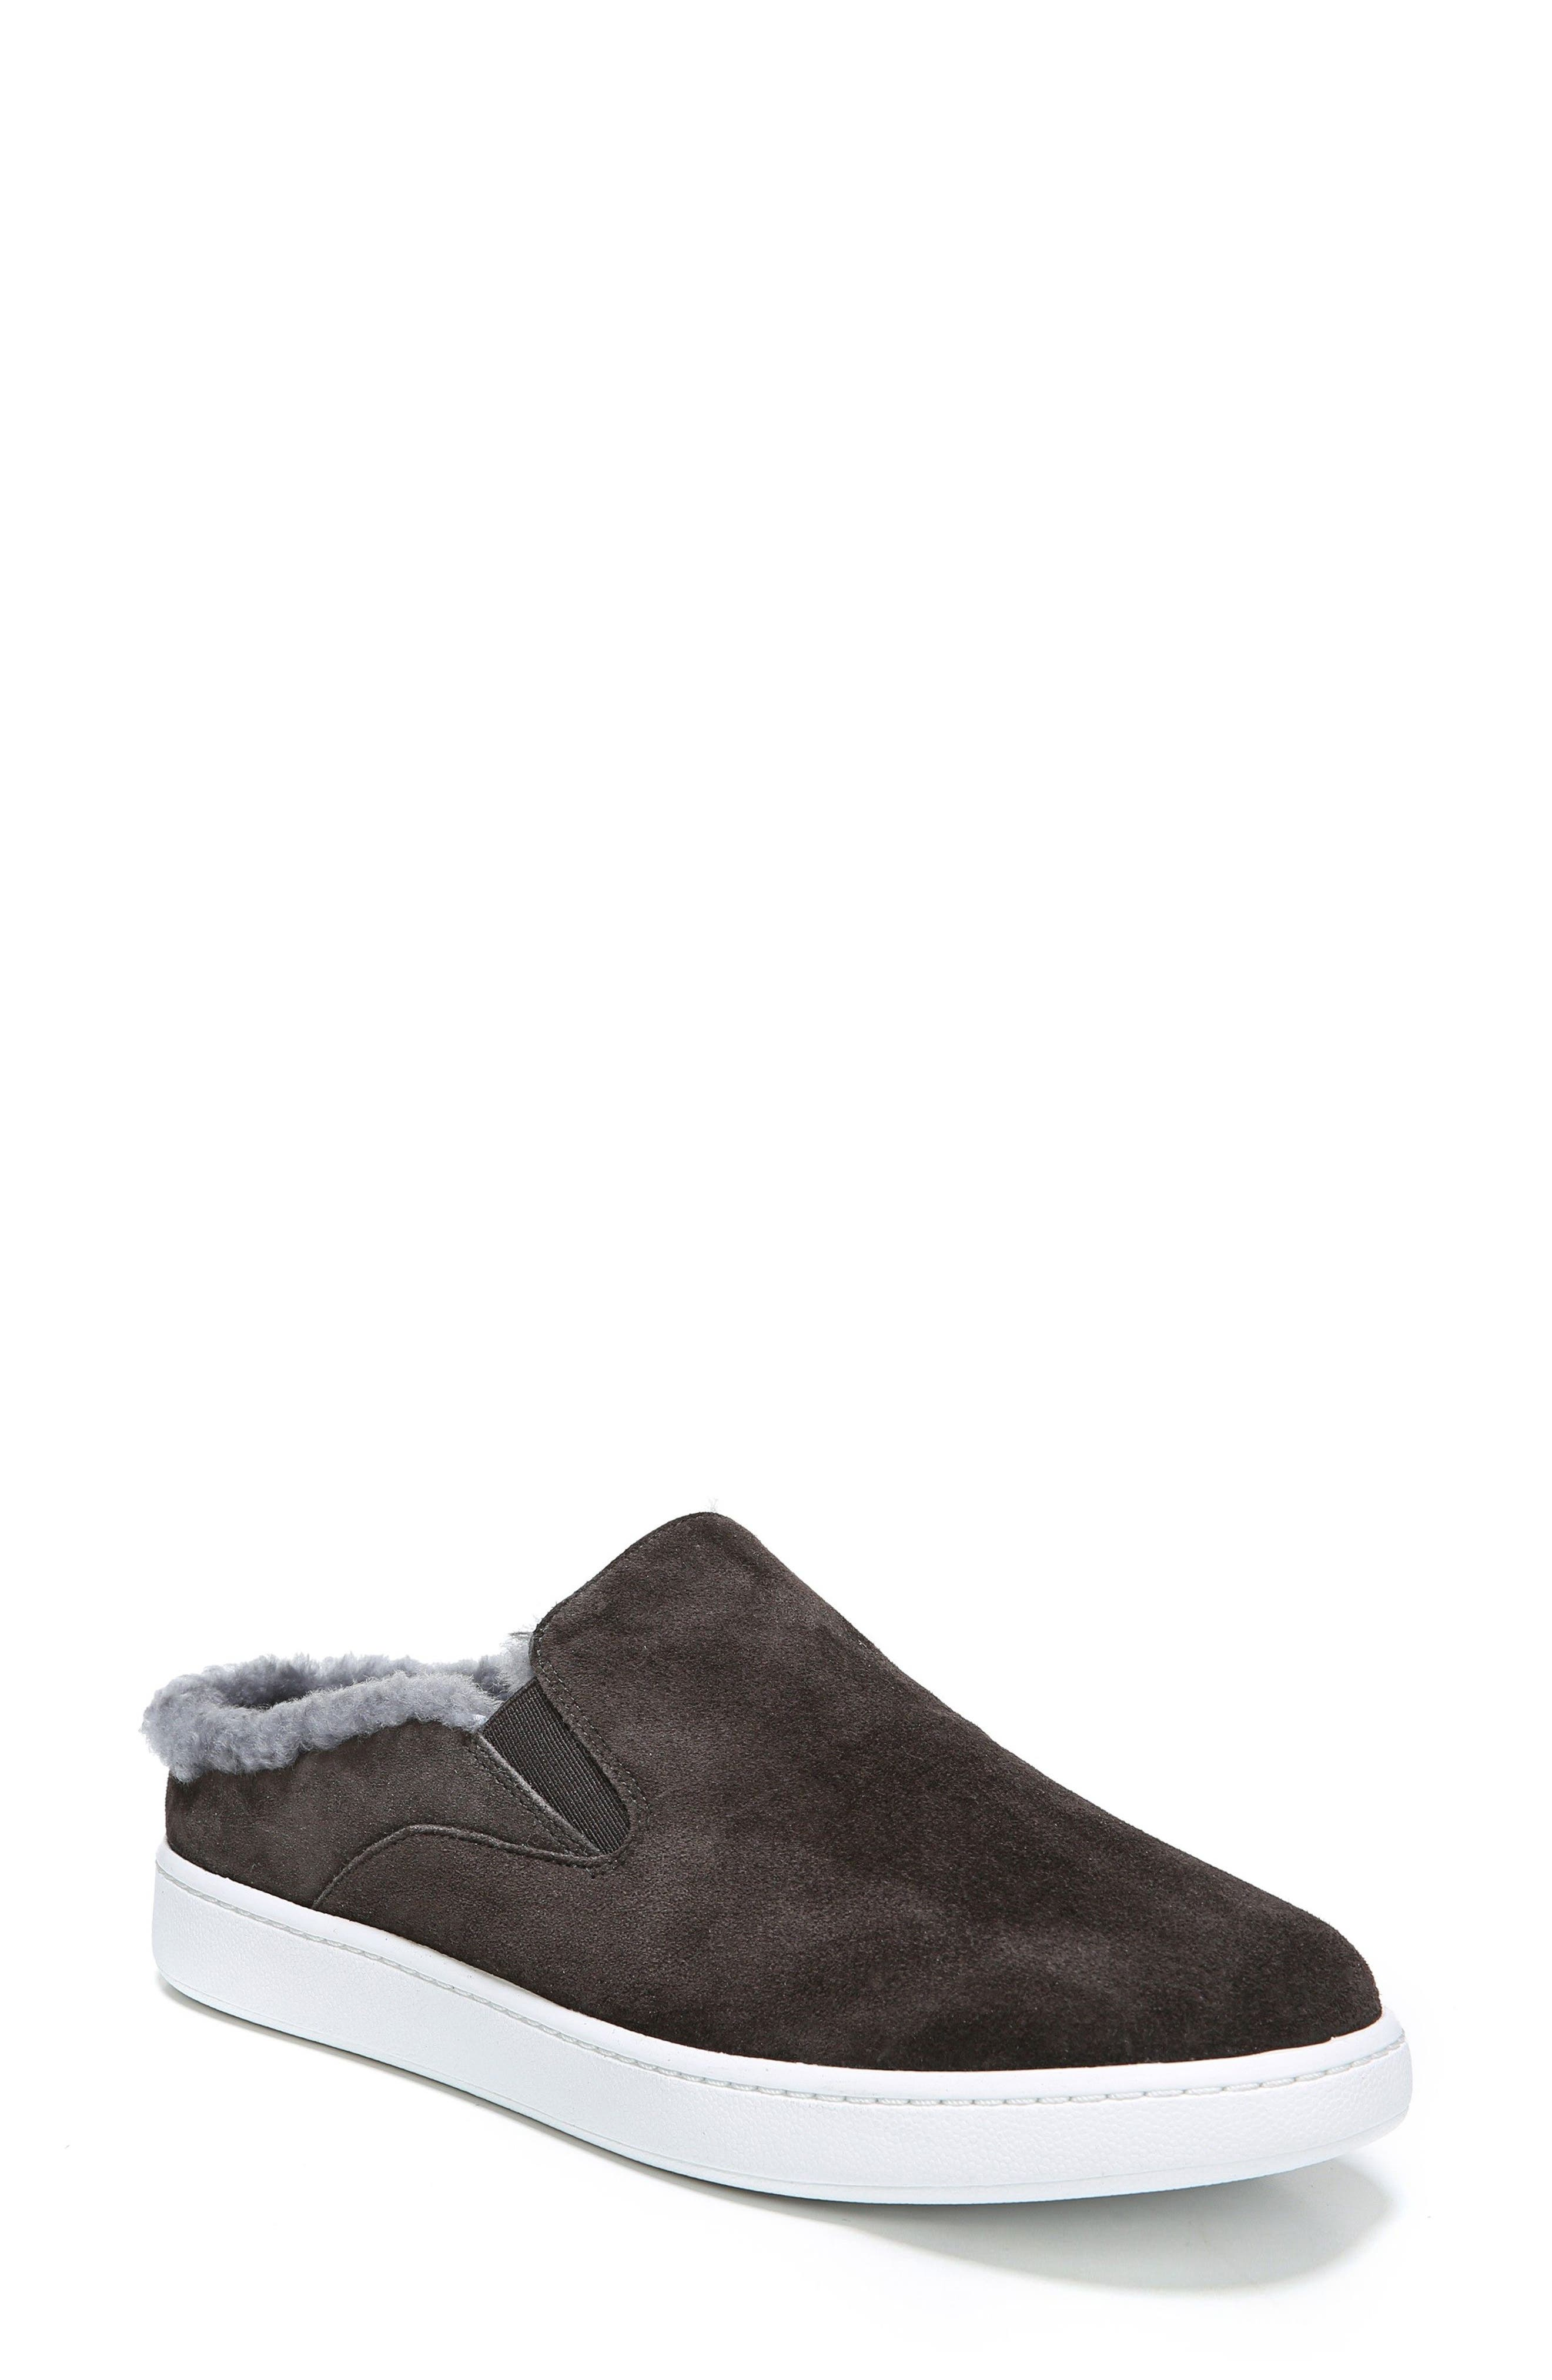 Alternate Image 1 Selected - Vince Verrell Genuine Shearling Slip-On Sneaker (Women)